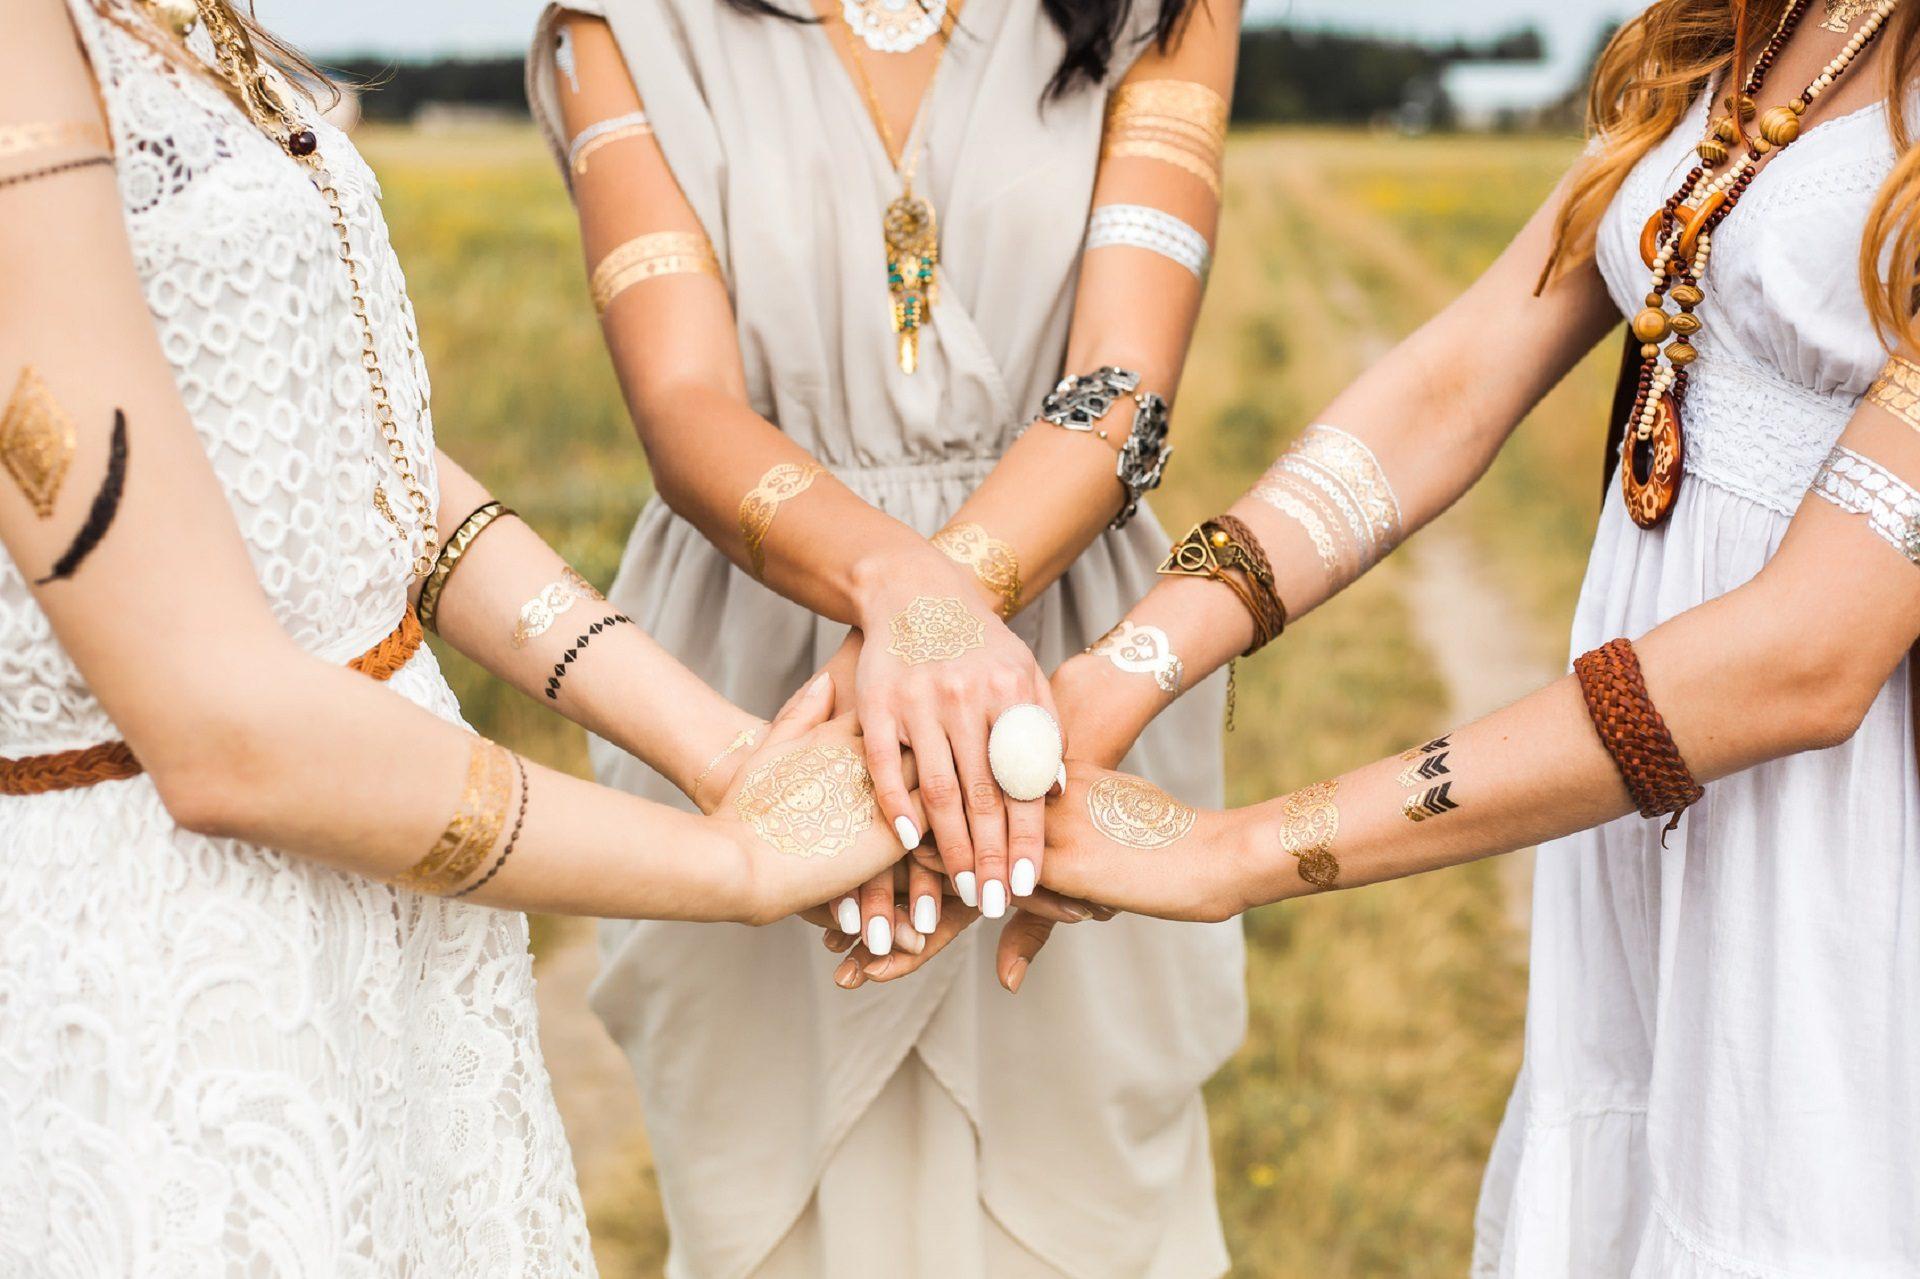 Tatuaże na rękach kobiet , kobiety trzymające się za ręce